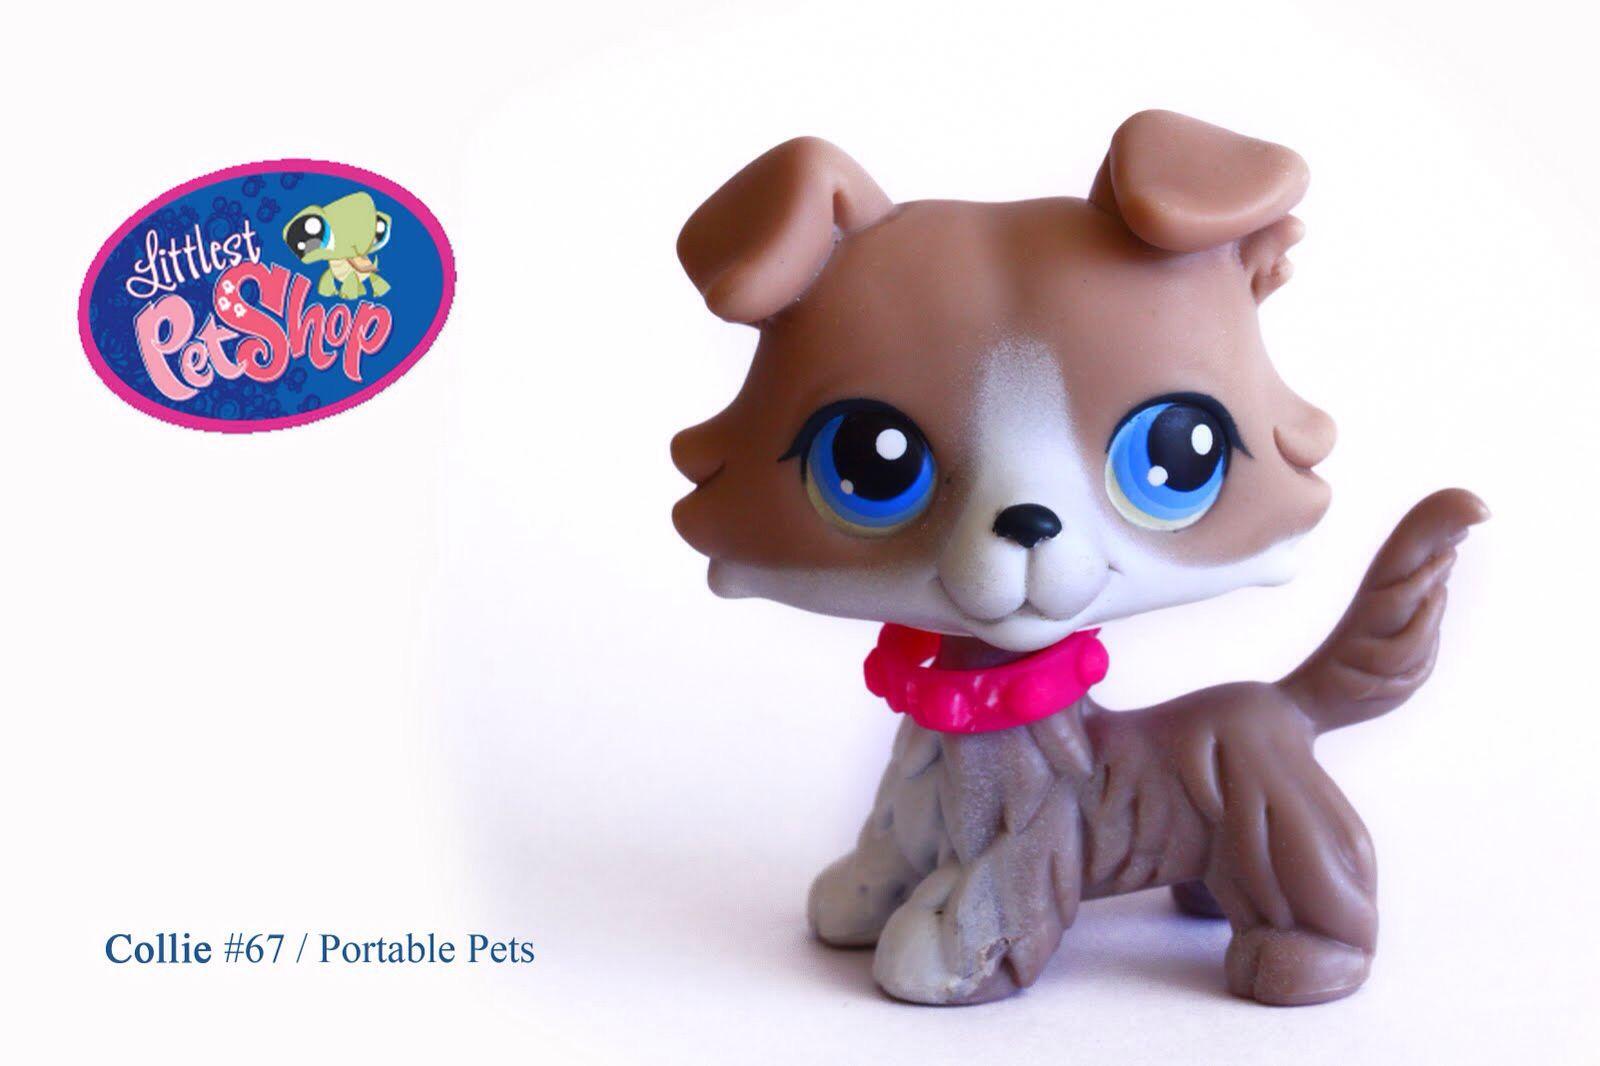 Littlest Pet Shop 67 Collie Lps Collies Lps Littlest Pet Shop Lps Pets